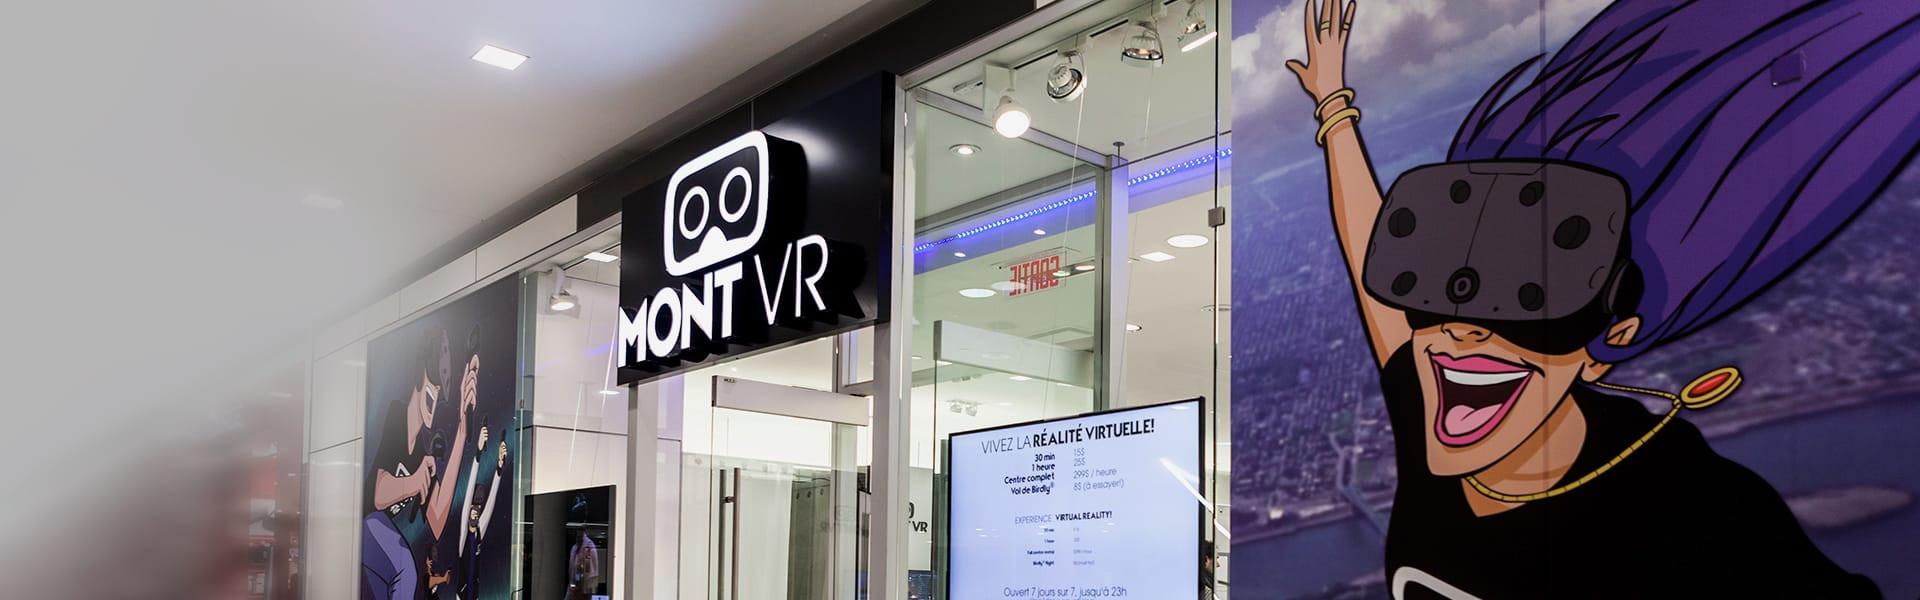 Mont VR - Alexis Nihon